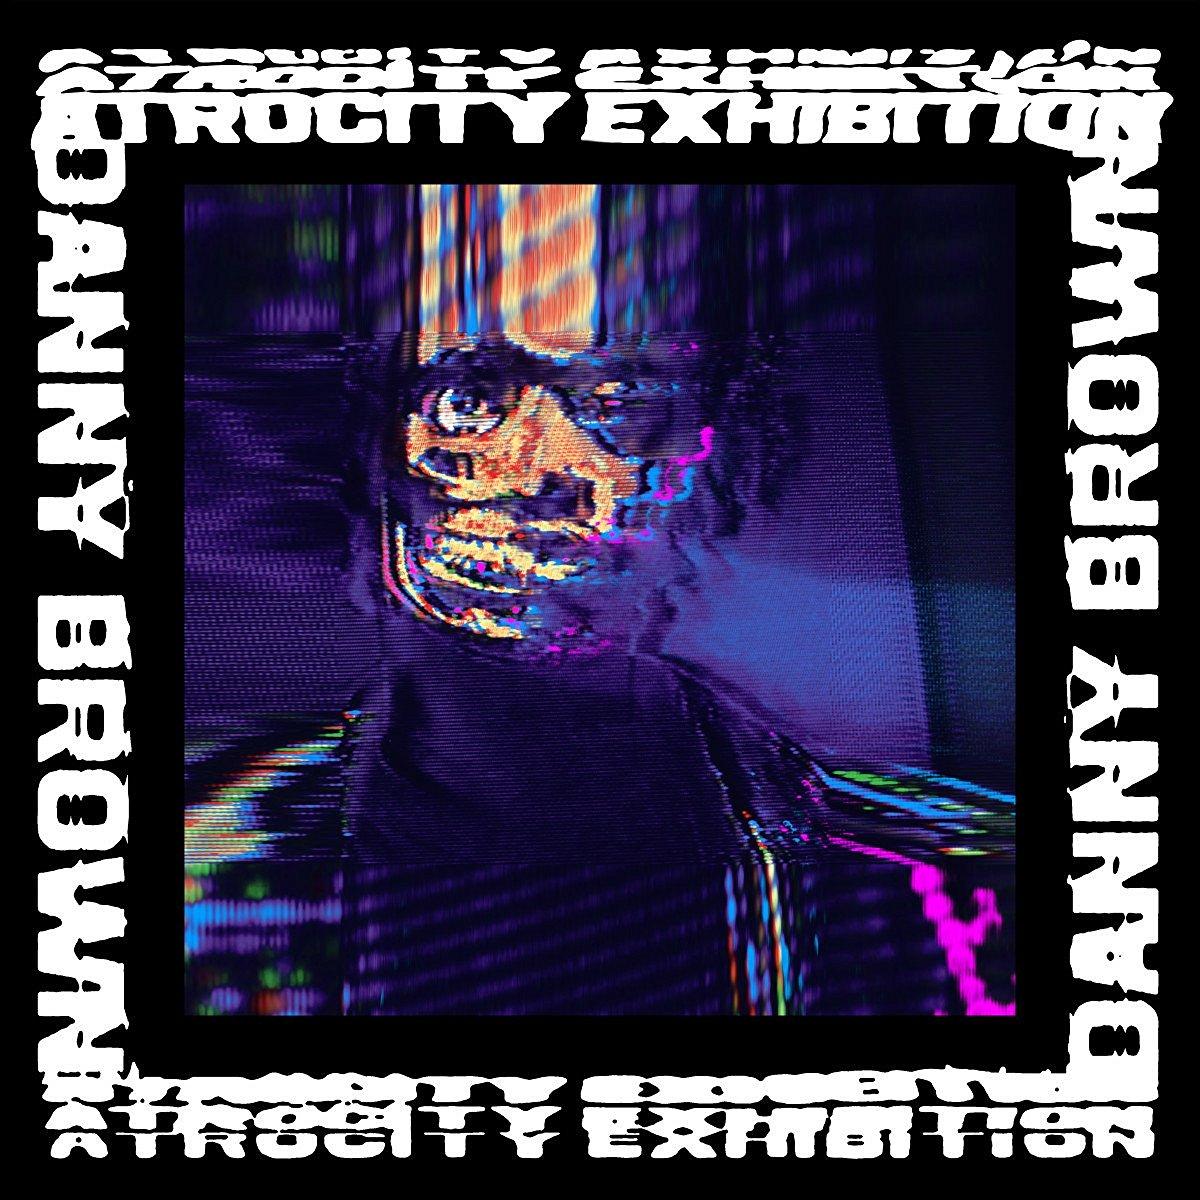 Danny Brown - Atrocity Exhibition [2xLP]